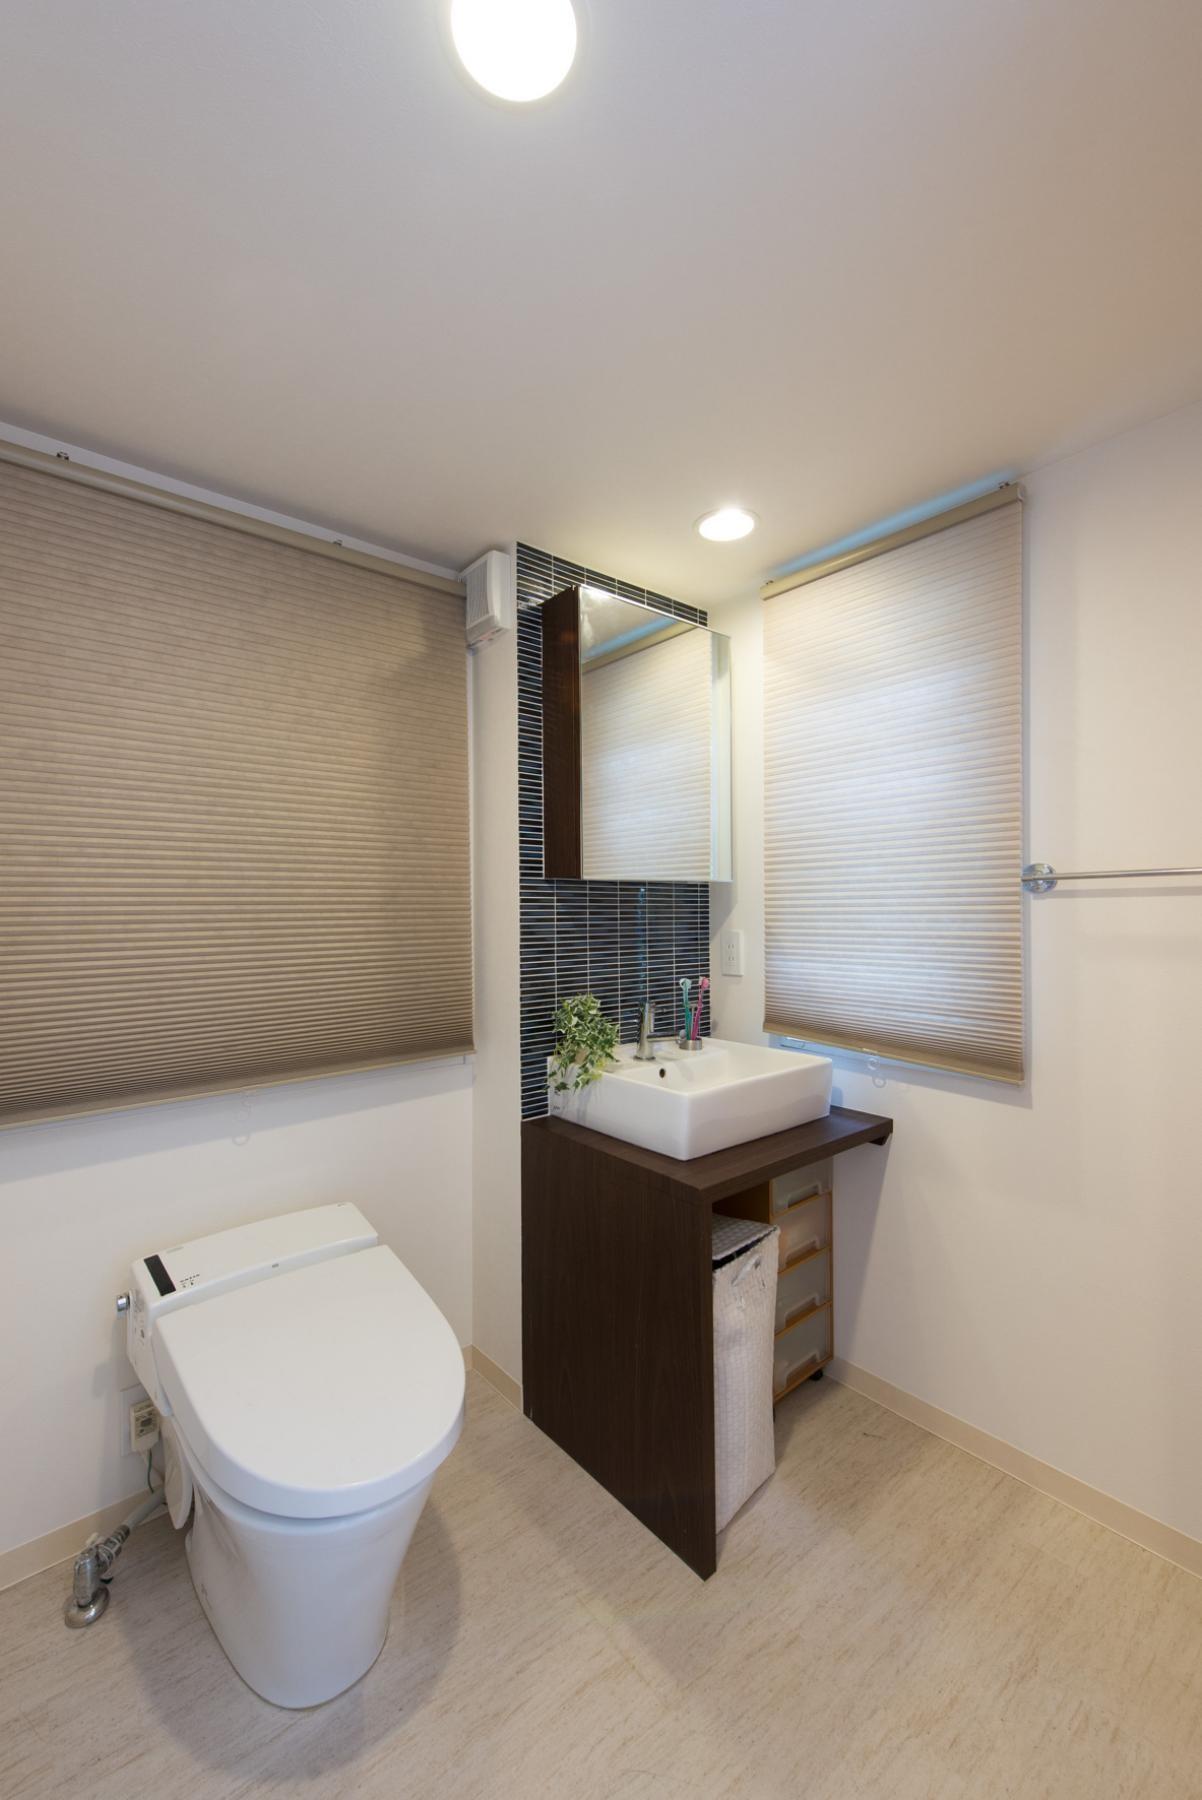 バス/トイレ事例:トイレ(ホテルのようなスタイリッシュな内外装に全面リフォーム)